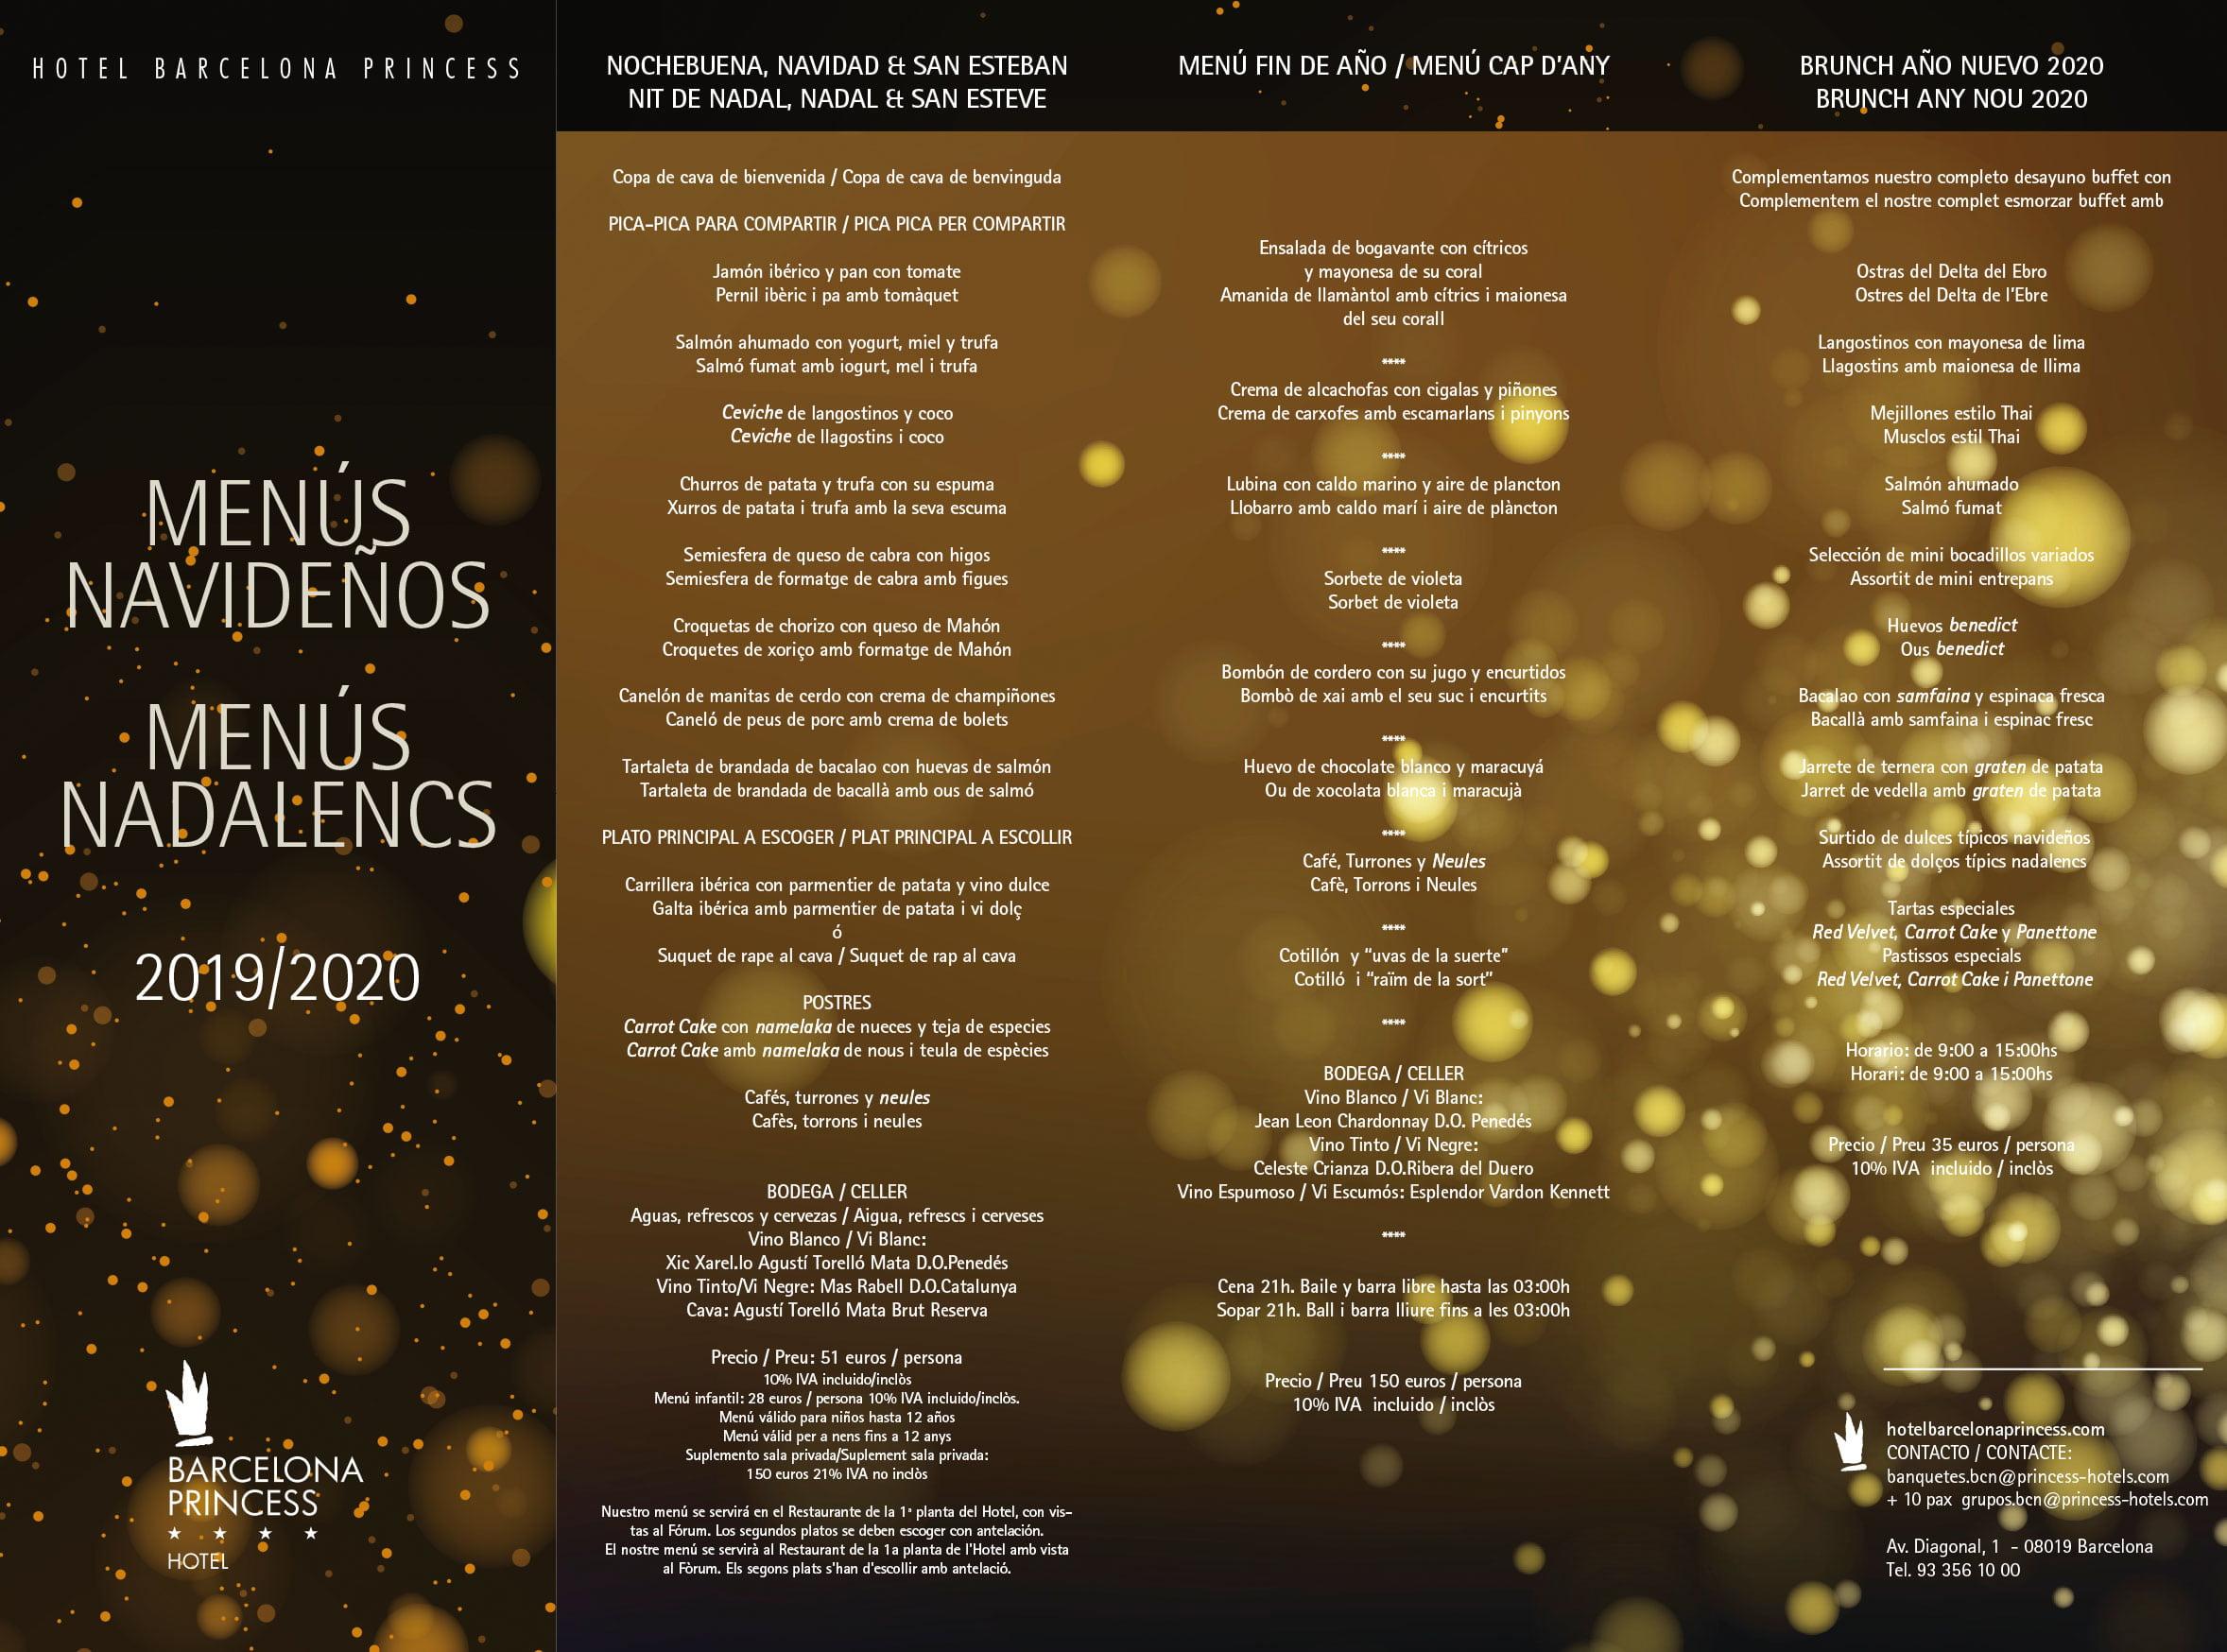 Menús Navideños 2019 Hotel Barcelona Princess